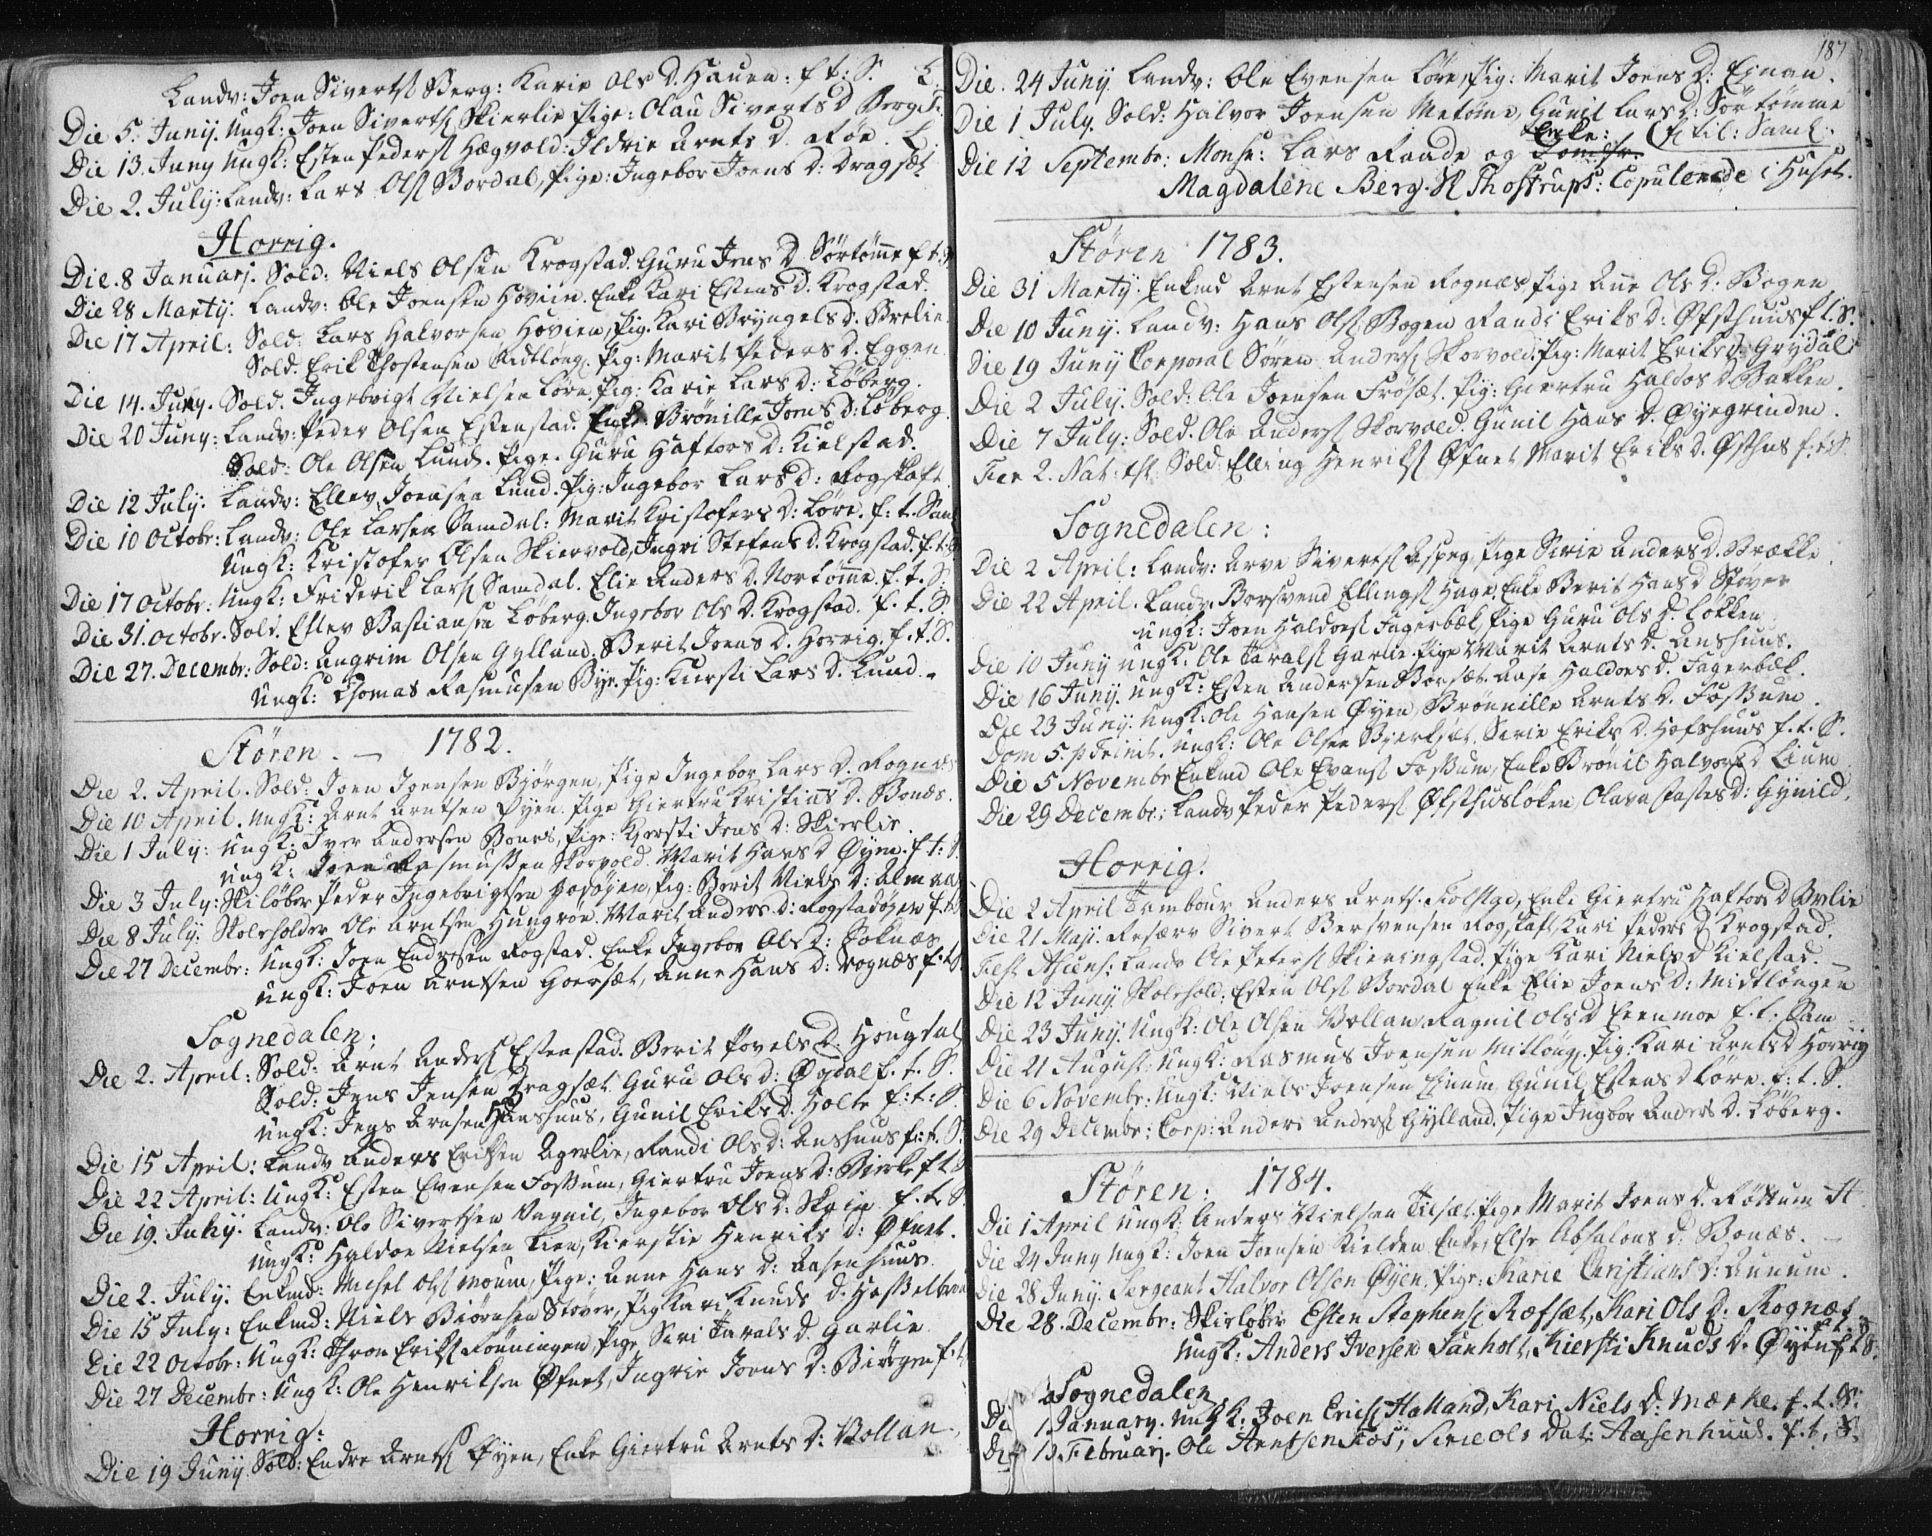 SAT, Ministerialprotokoller, klokkerbøker og fødselsregistre - Sør-Trøndelag, 687/L0991: Ministerialbok nr. 687A02, 1747-1790, s. 187